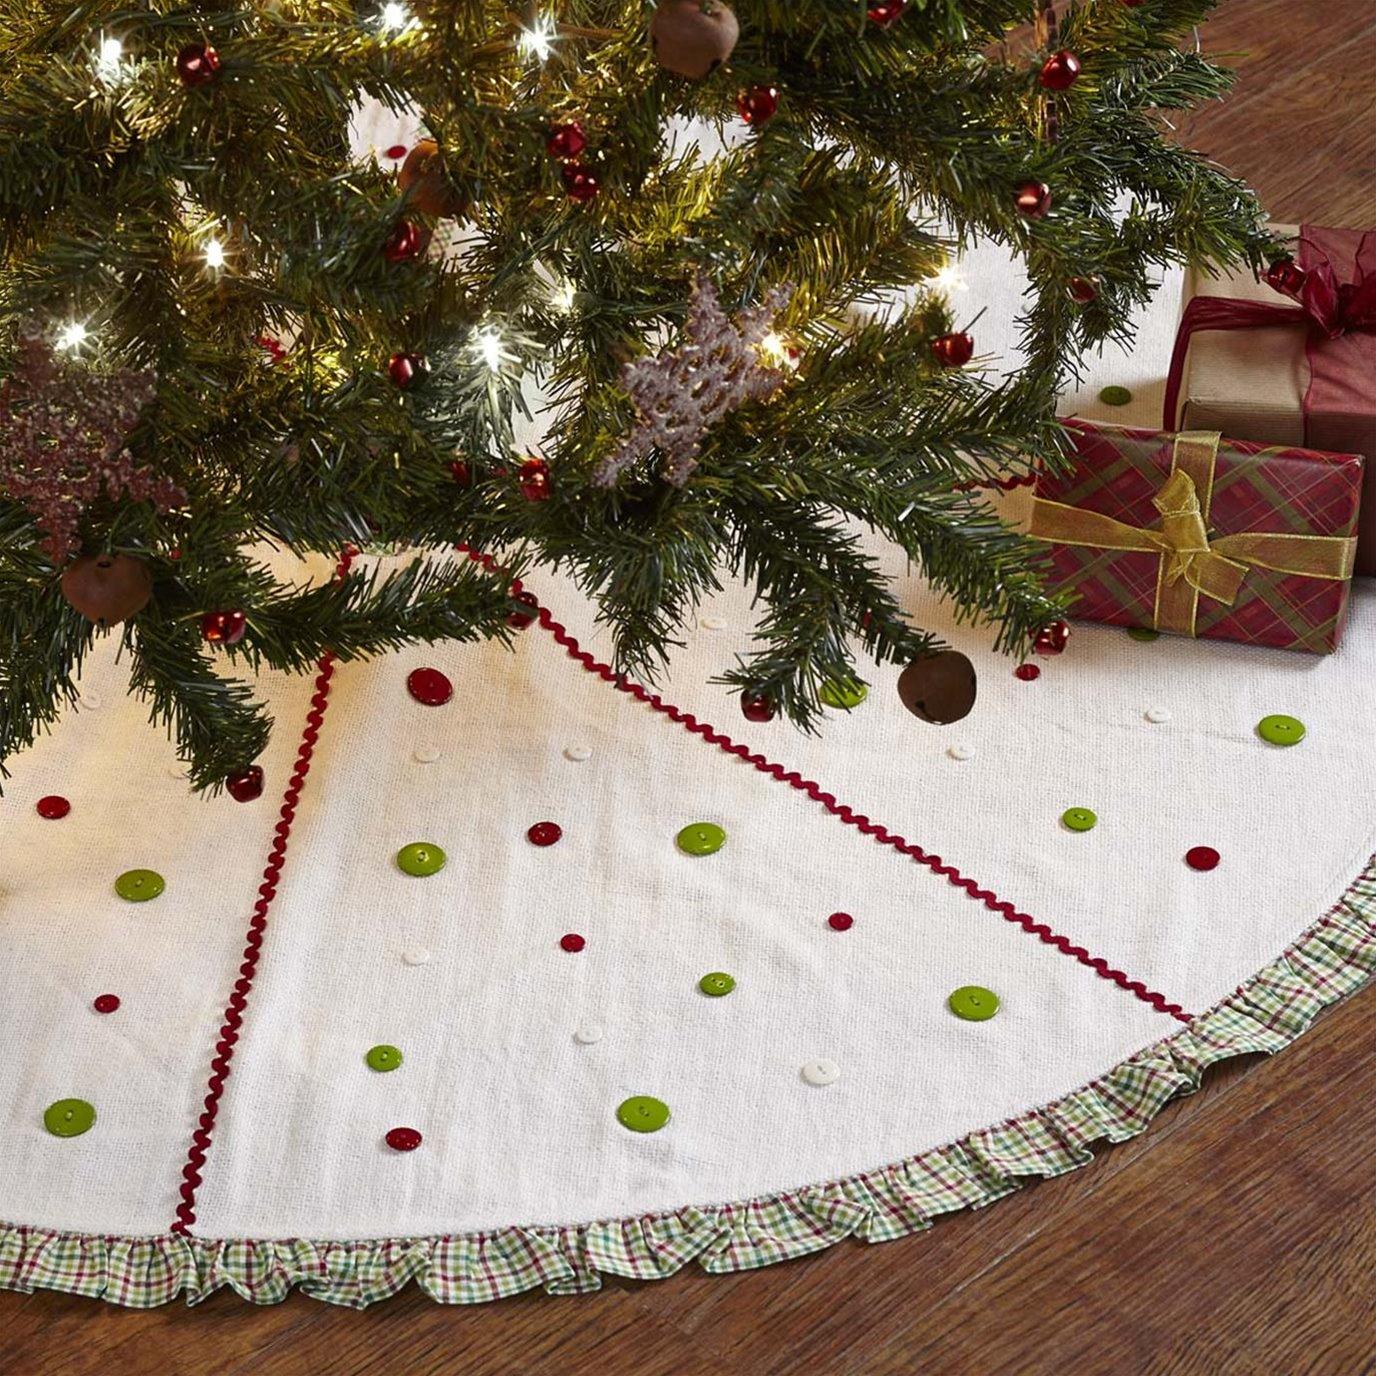 Whimsical Christmas Tree Skirt 48